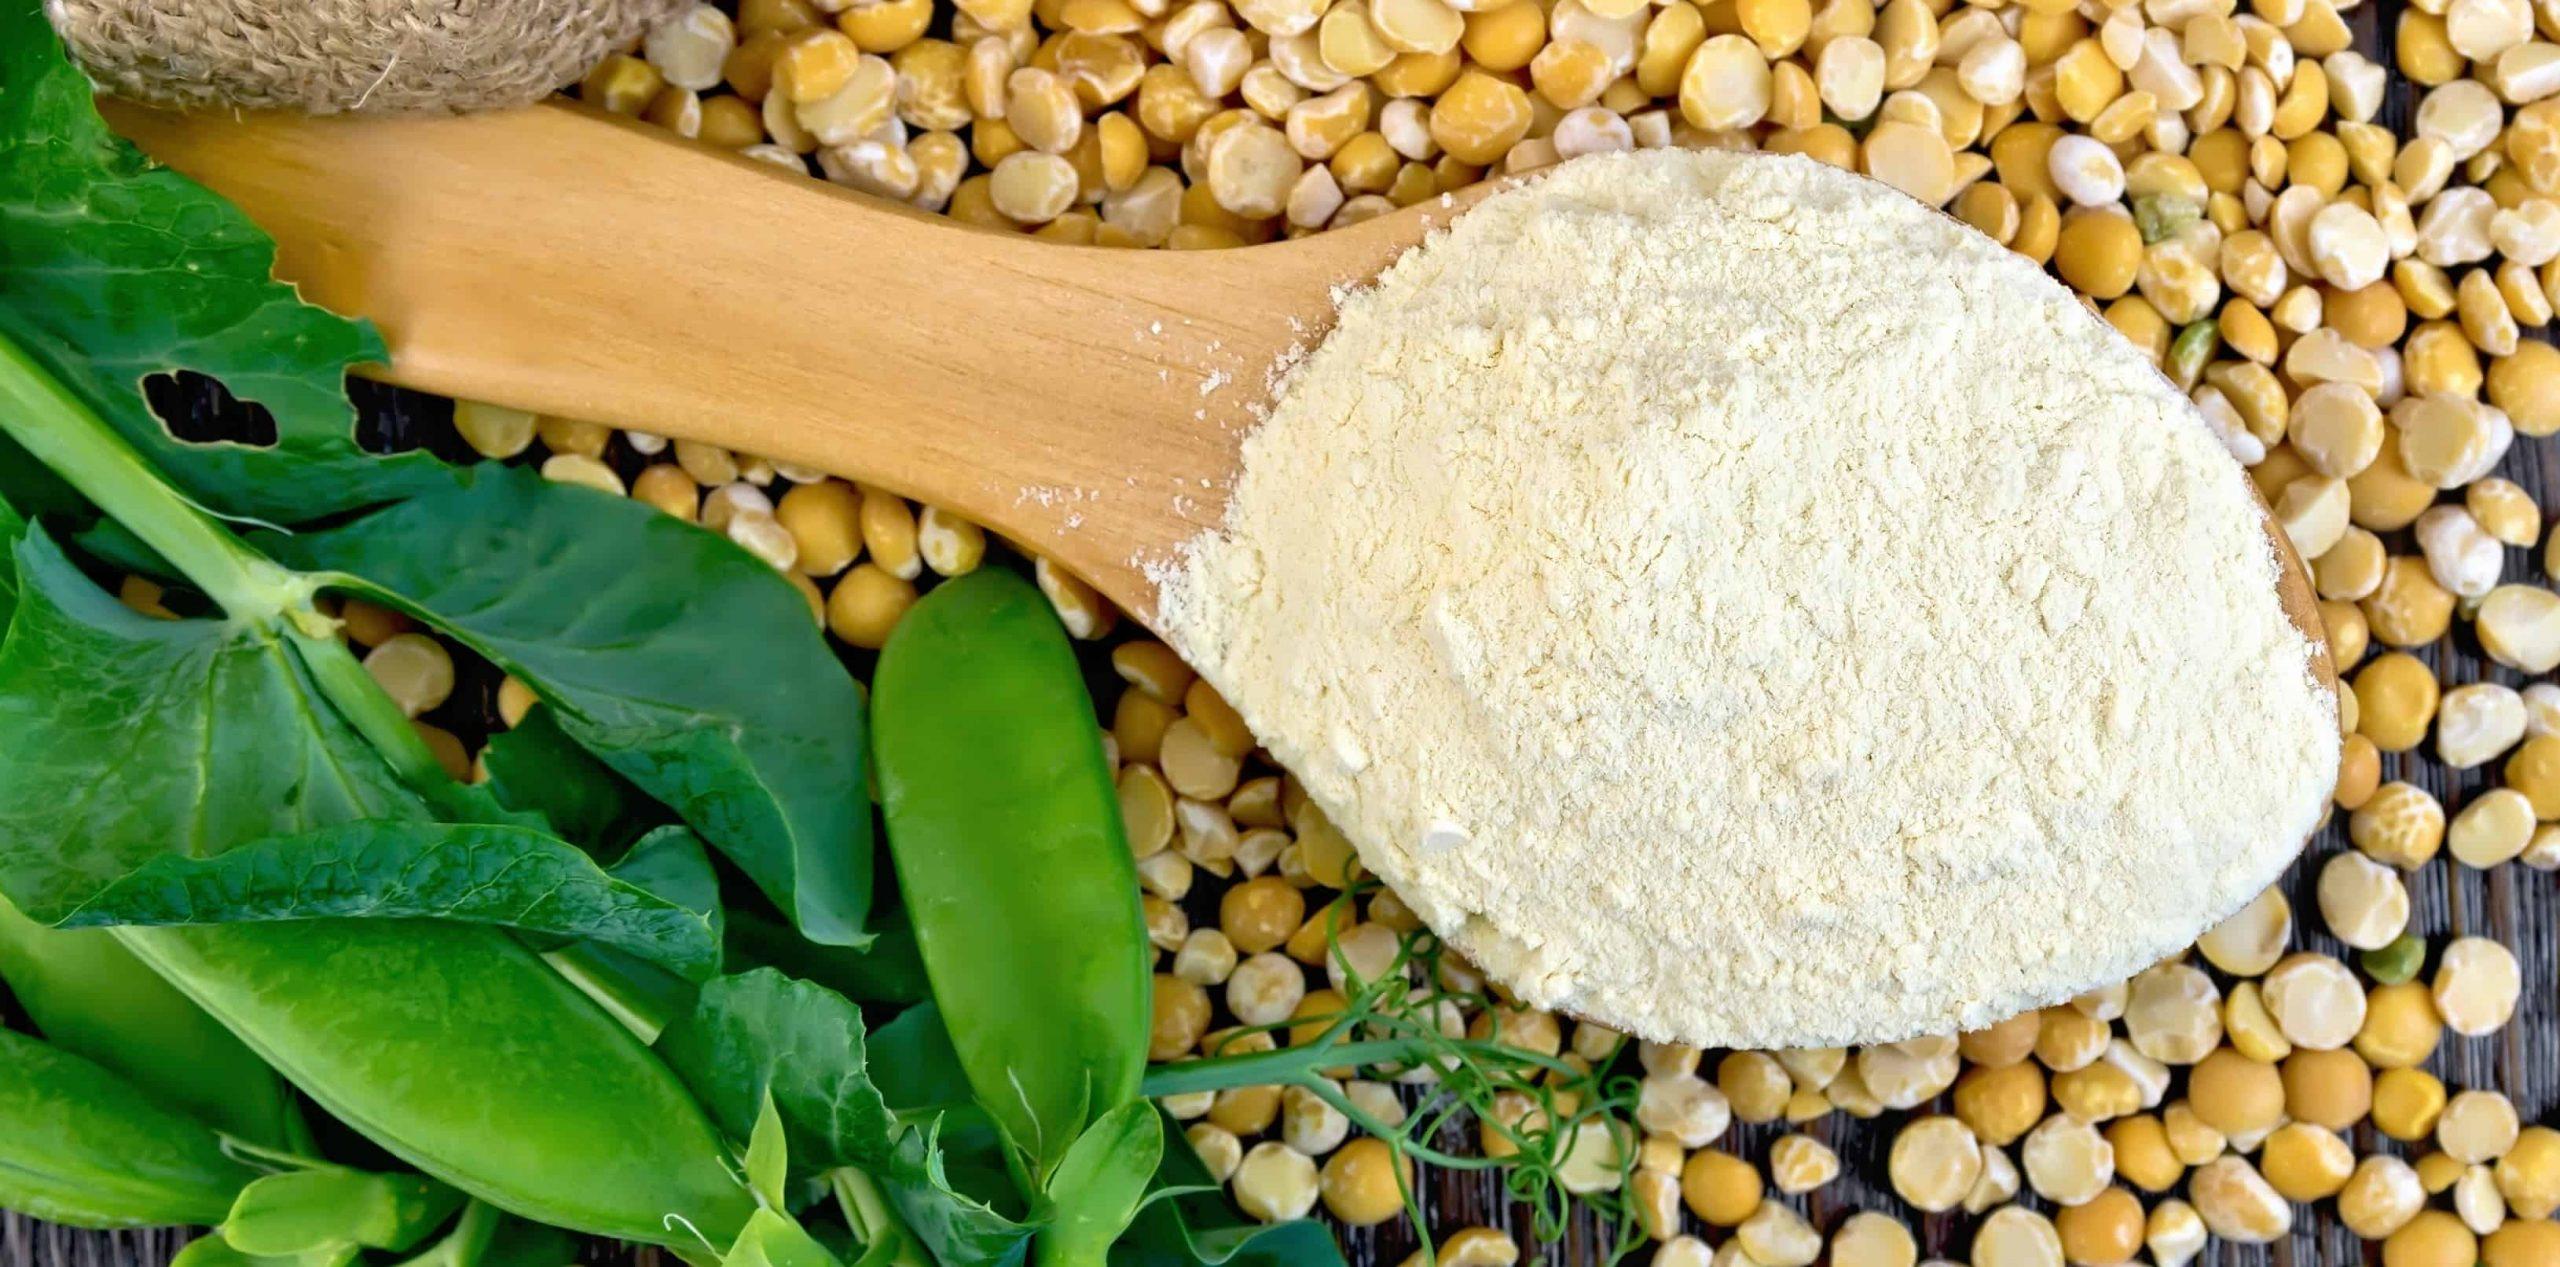 Proteína de guisantes: ¿Cuál es el mejor suplemento de 2021?